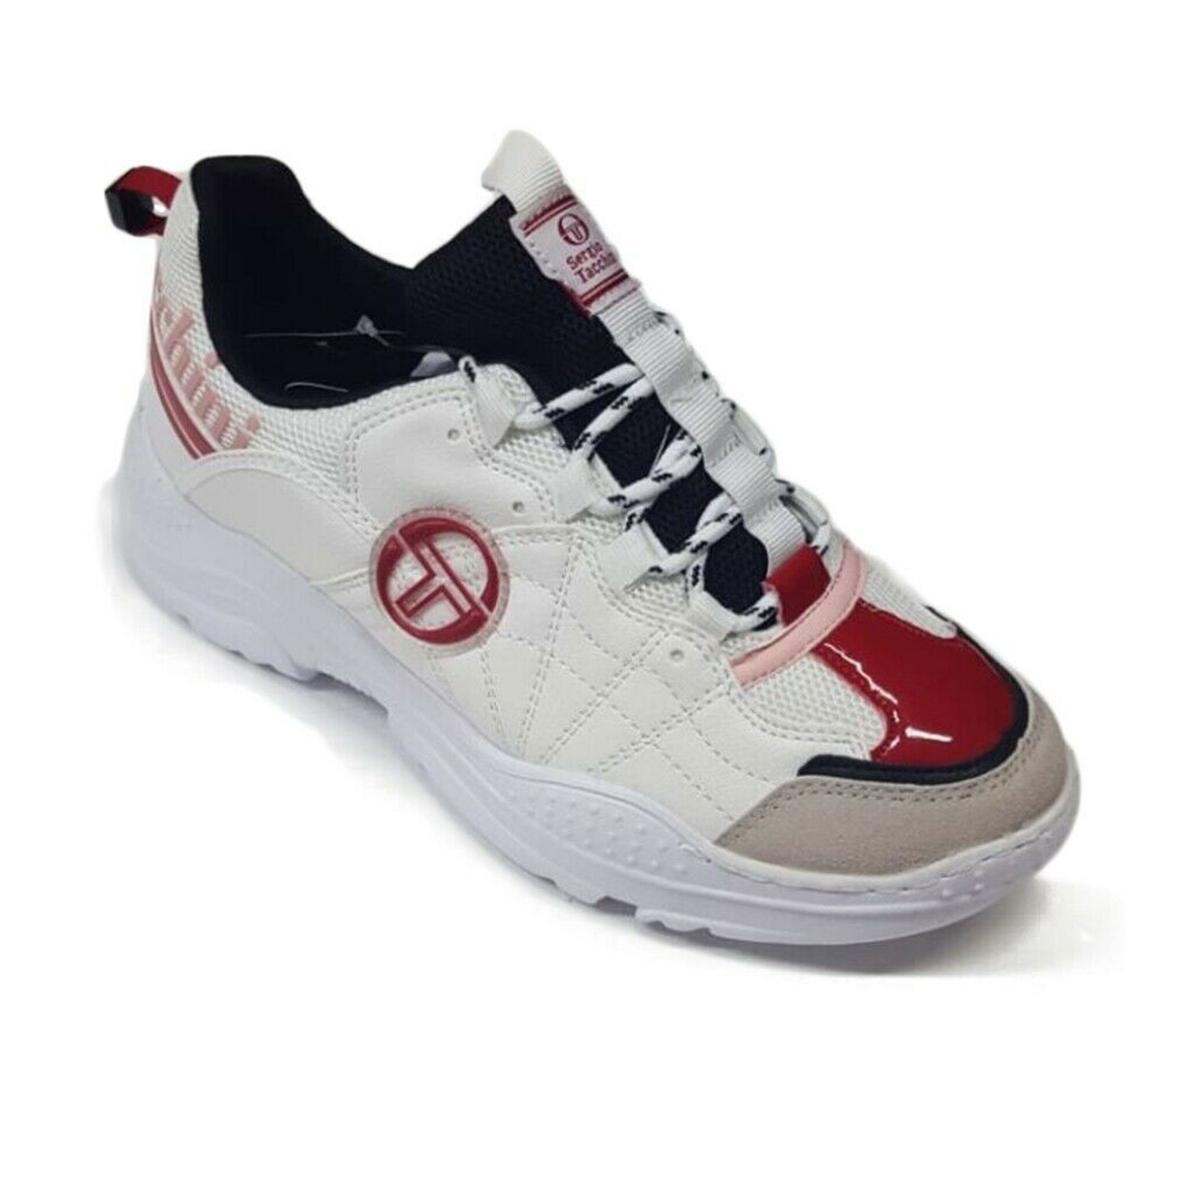 Scarpe Sneakers Sergio Tacchini DISTRUCTION MIX da donna rif. STW928200